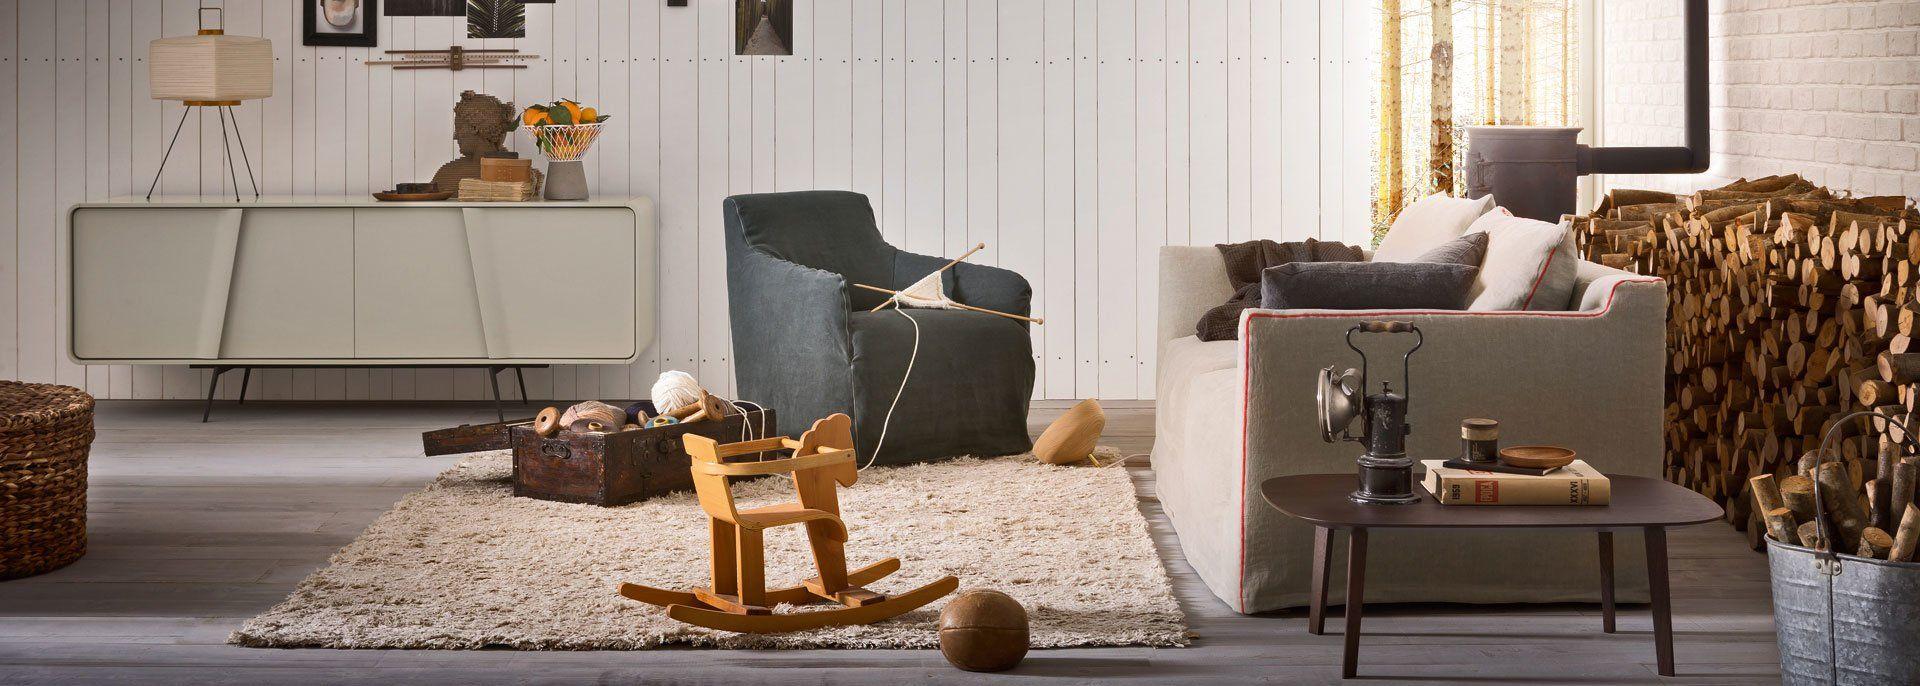 arosio mobili lissone - 28 images - vendita e installazione cucine ...